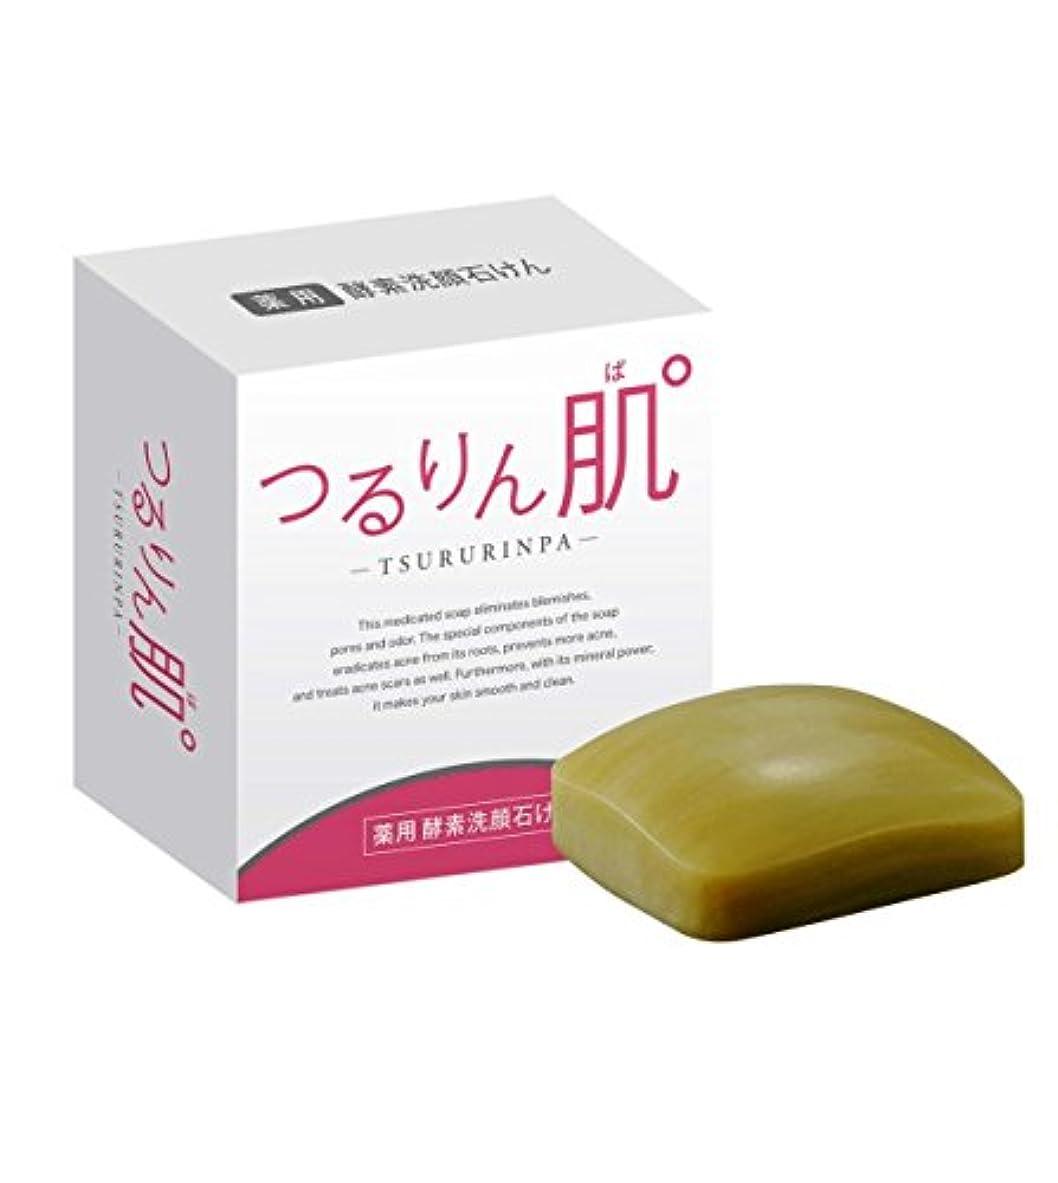 学習に賛成古いつるりん肌°(ぱ) 薬用 酵素洗顔石けん -TSURURINPA-